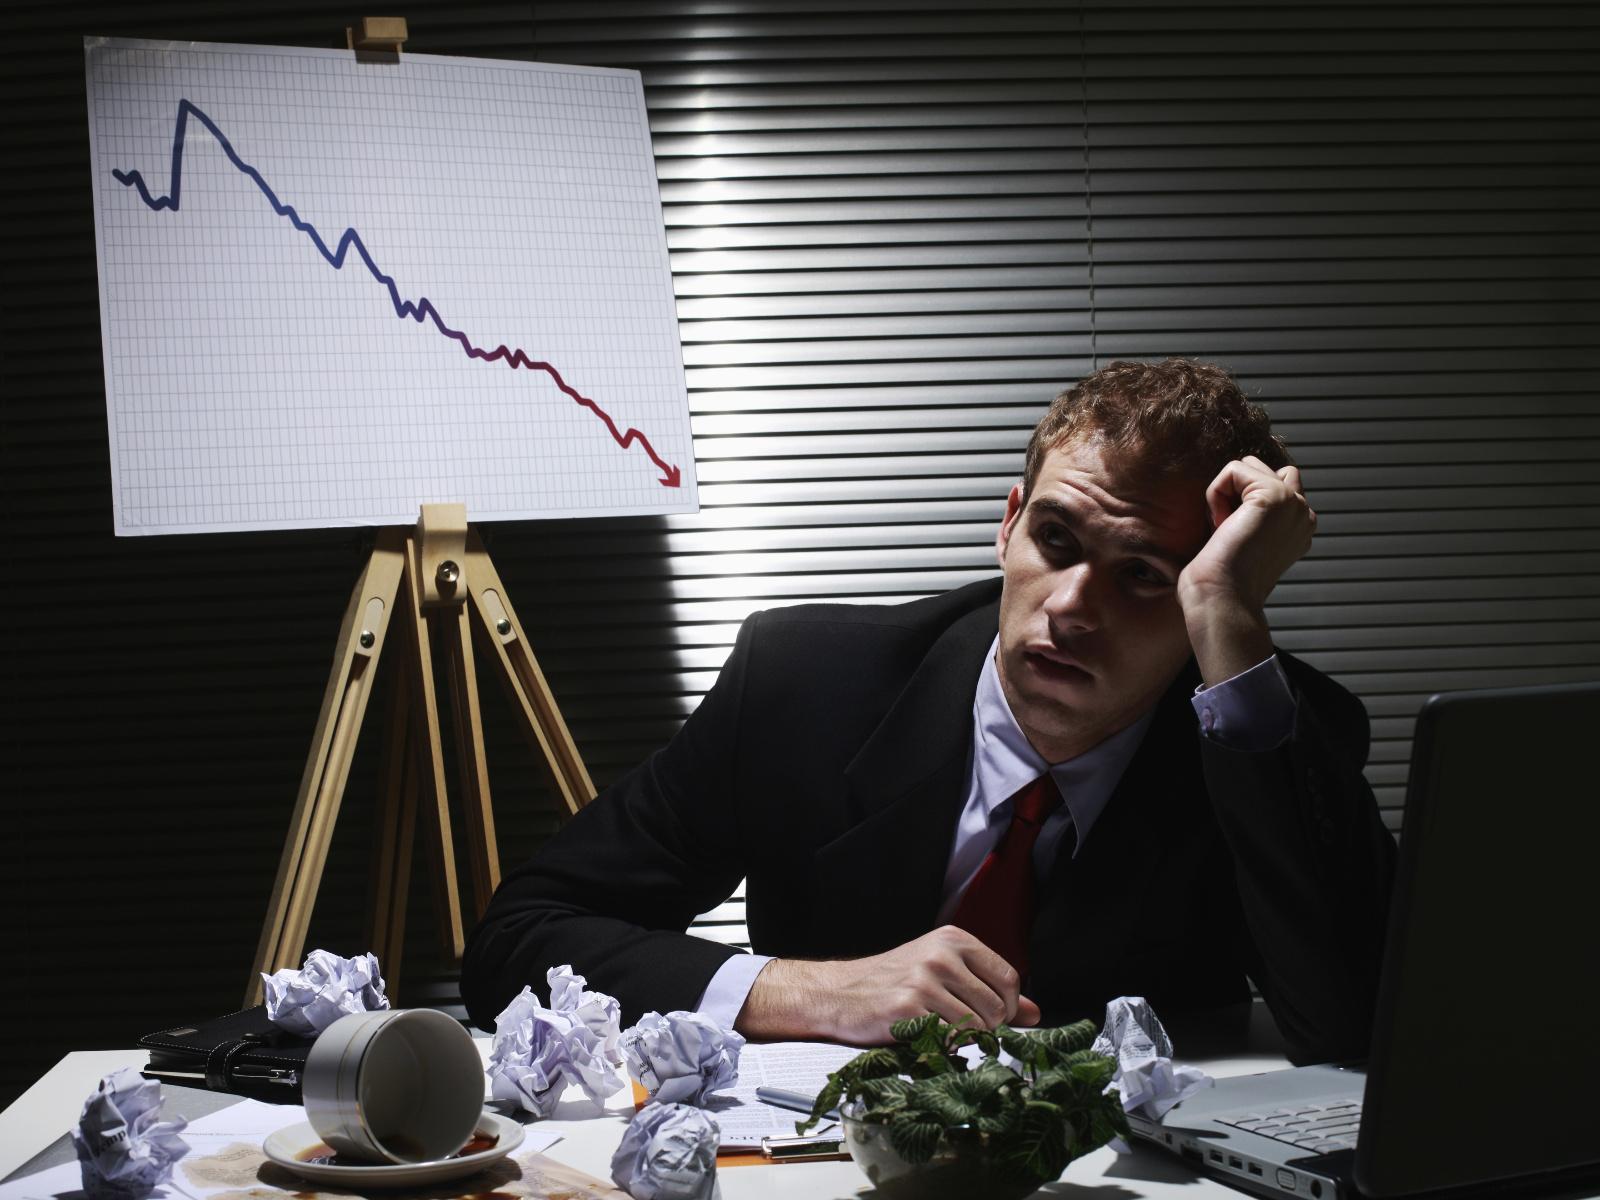 第124話|なぜ、目的を明確にしてもデータサイエンスで失敗するのか? じゃぁどうする